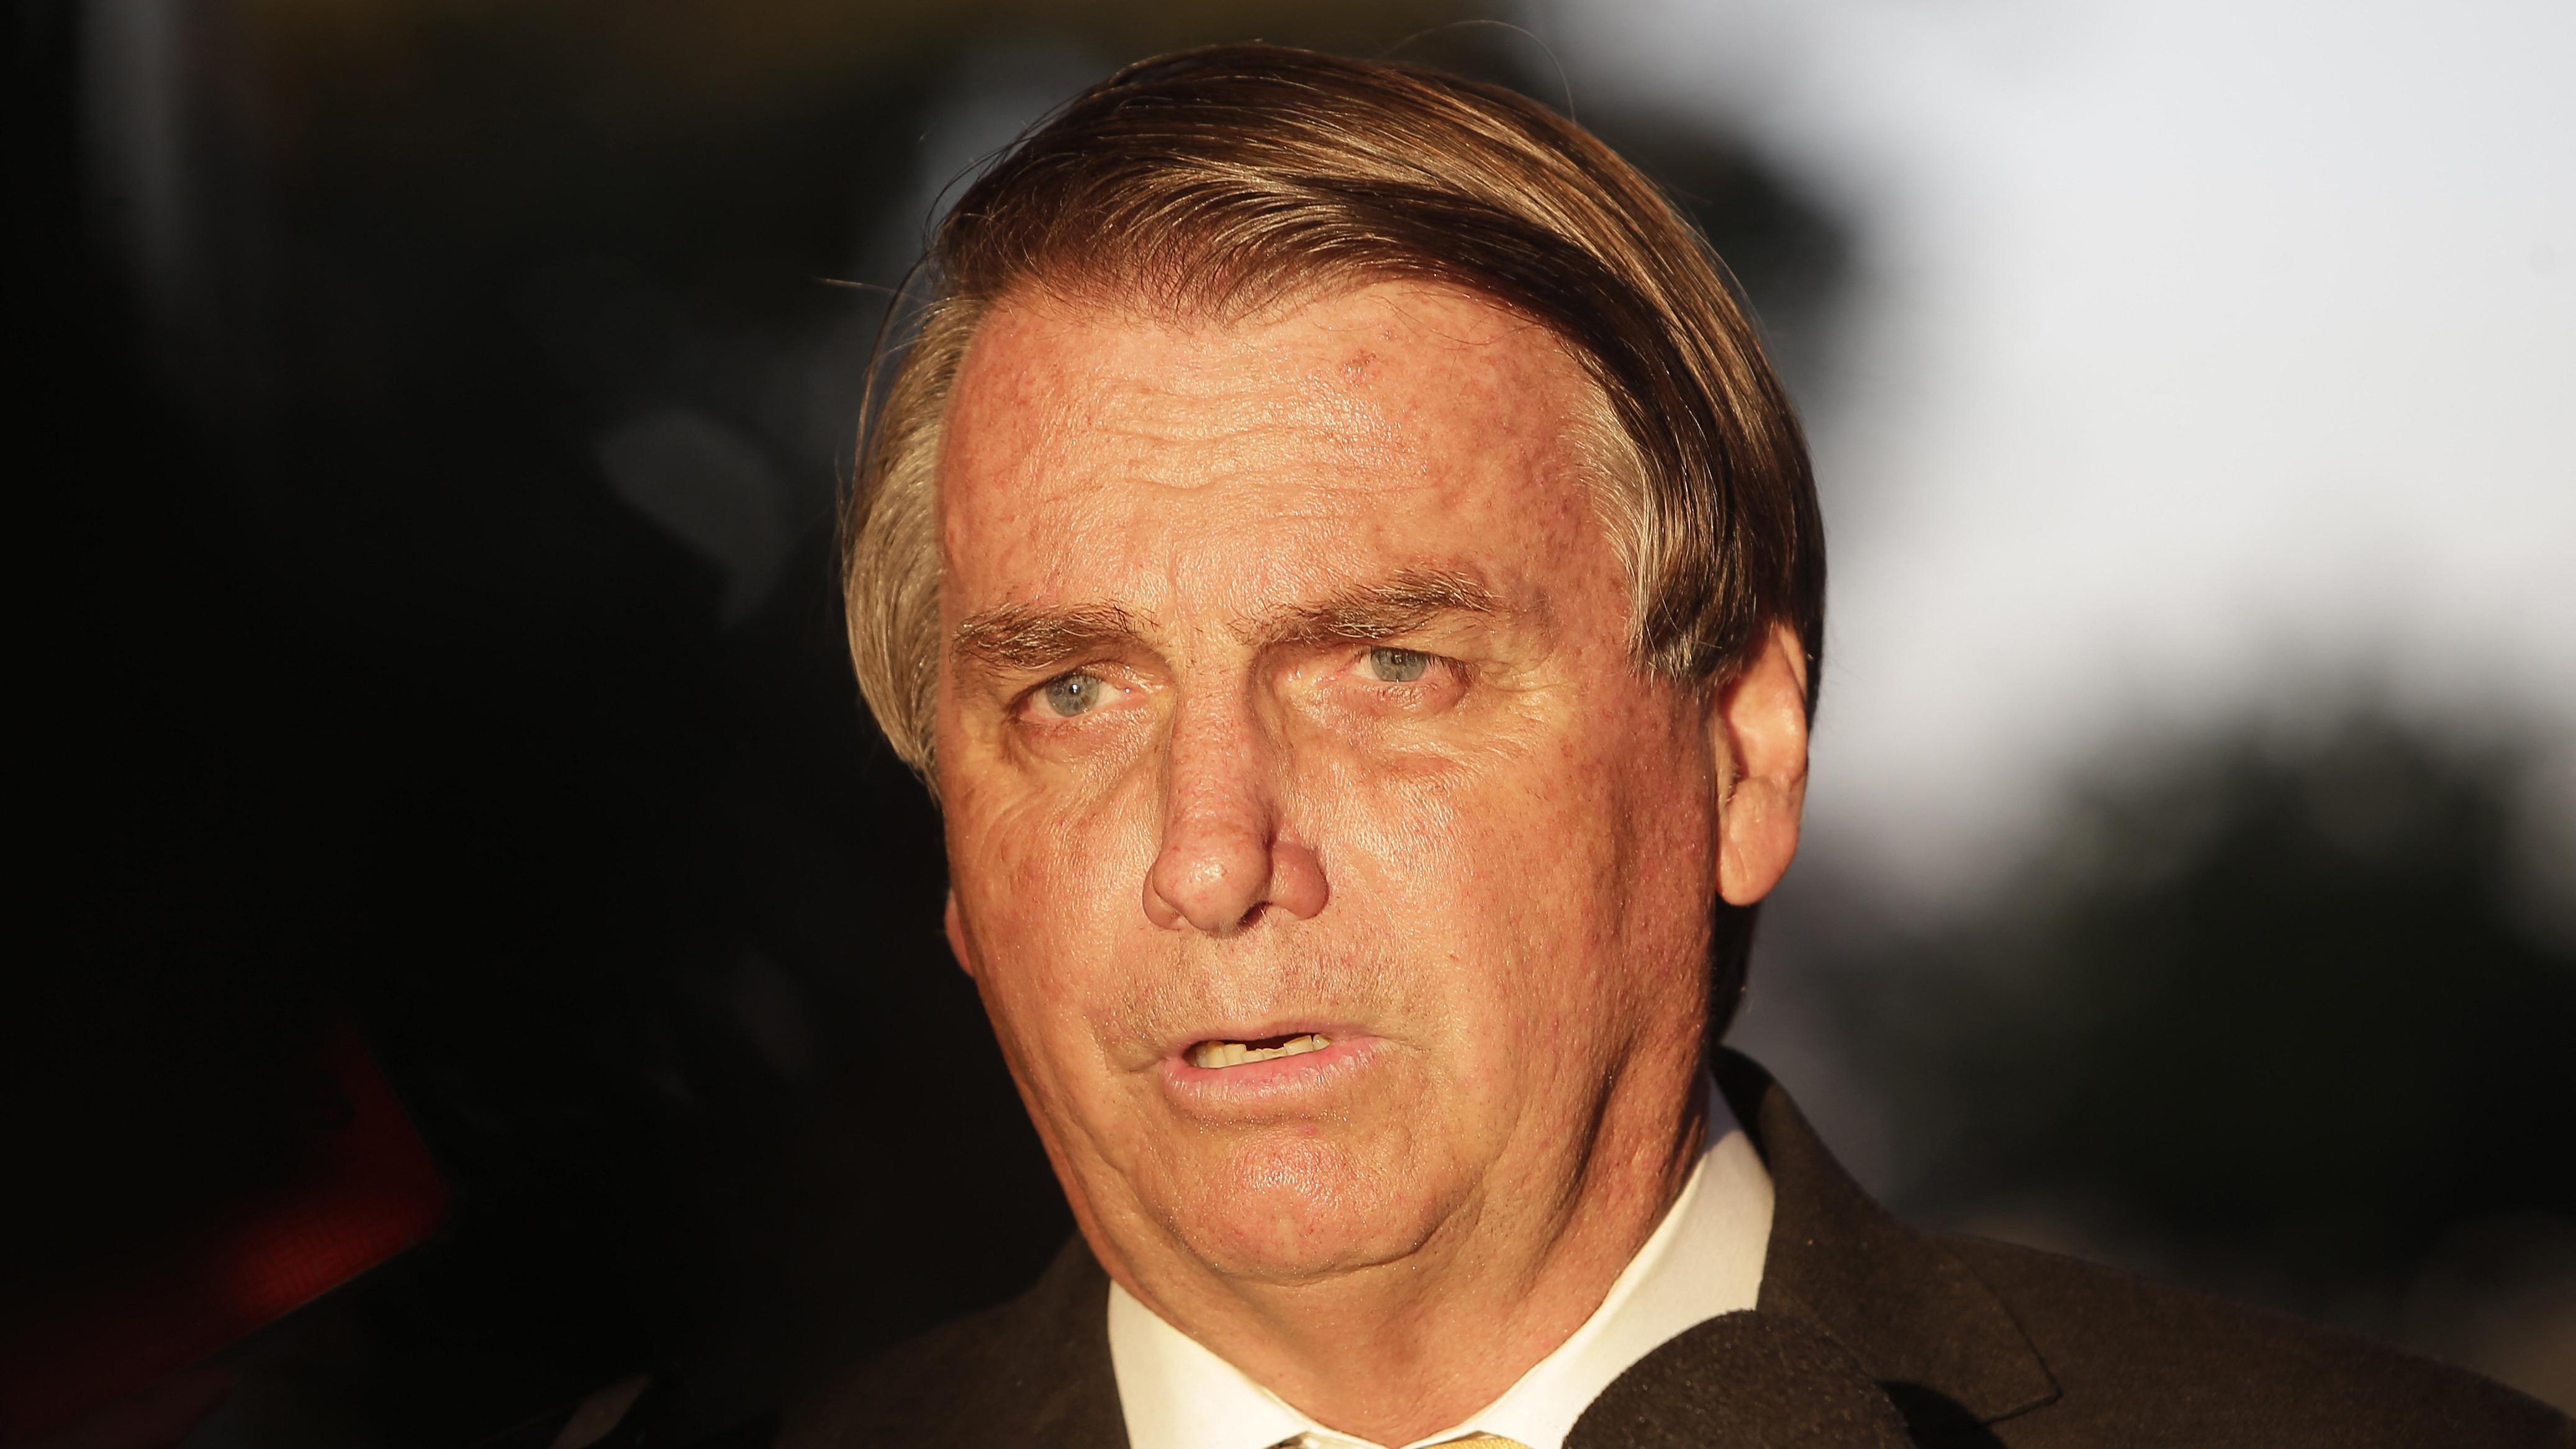 Bolsonaro a demokráciát támadja a brazil legfelsőbb bíróság elnöke szerint